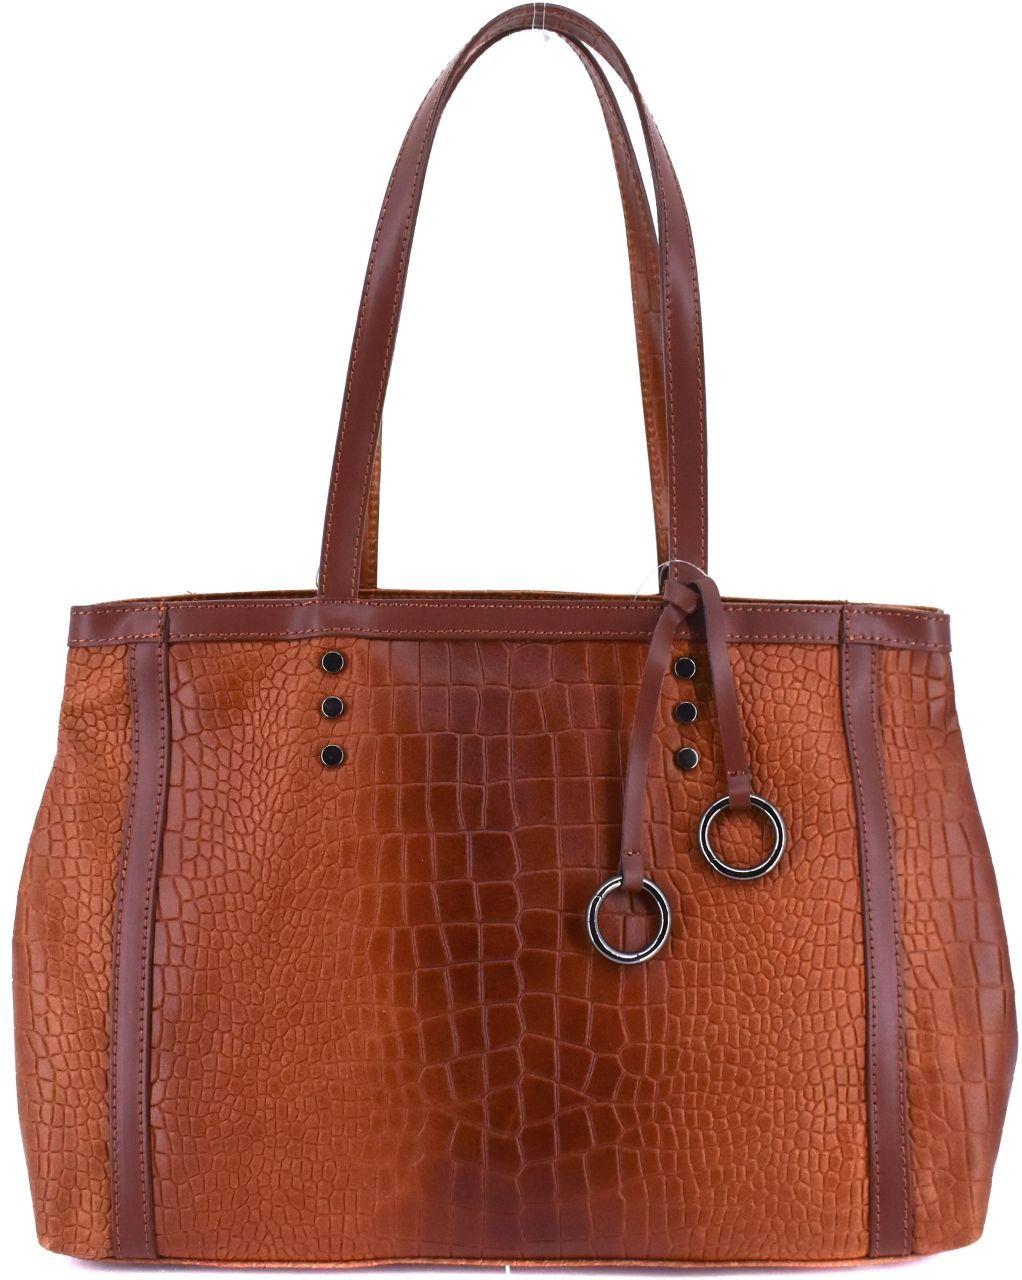 Dámská kožená kabelka Arteddy - hnědá 31034